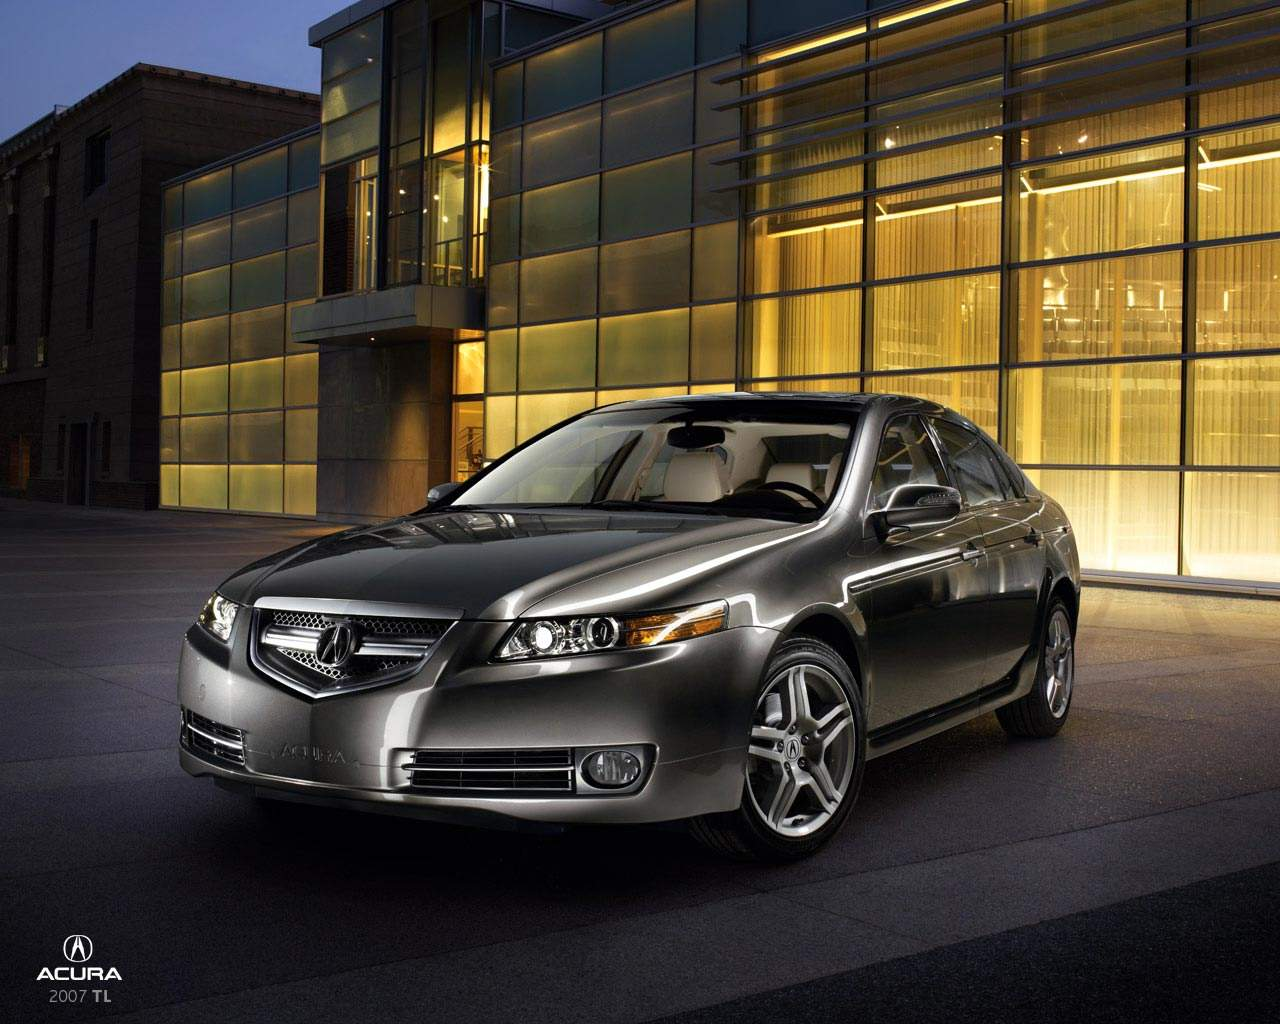 http://3.bp.blogspot.com/-mqwzQlu8dnU/Tg0CwqvTDWI/AAAAAAAAAHA/nU4Jgo4Sfqs/s1600/Acura_TL_Sedan%252C_2007.jpg